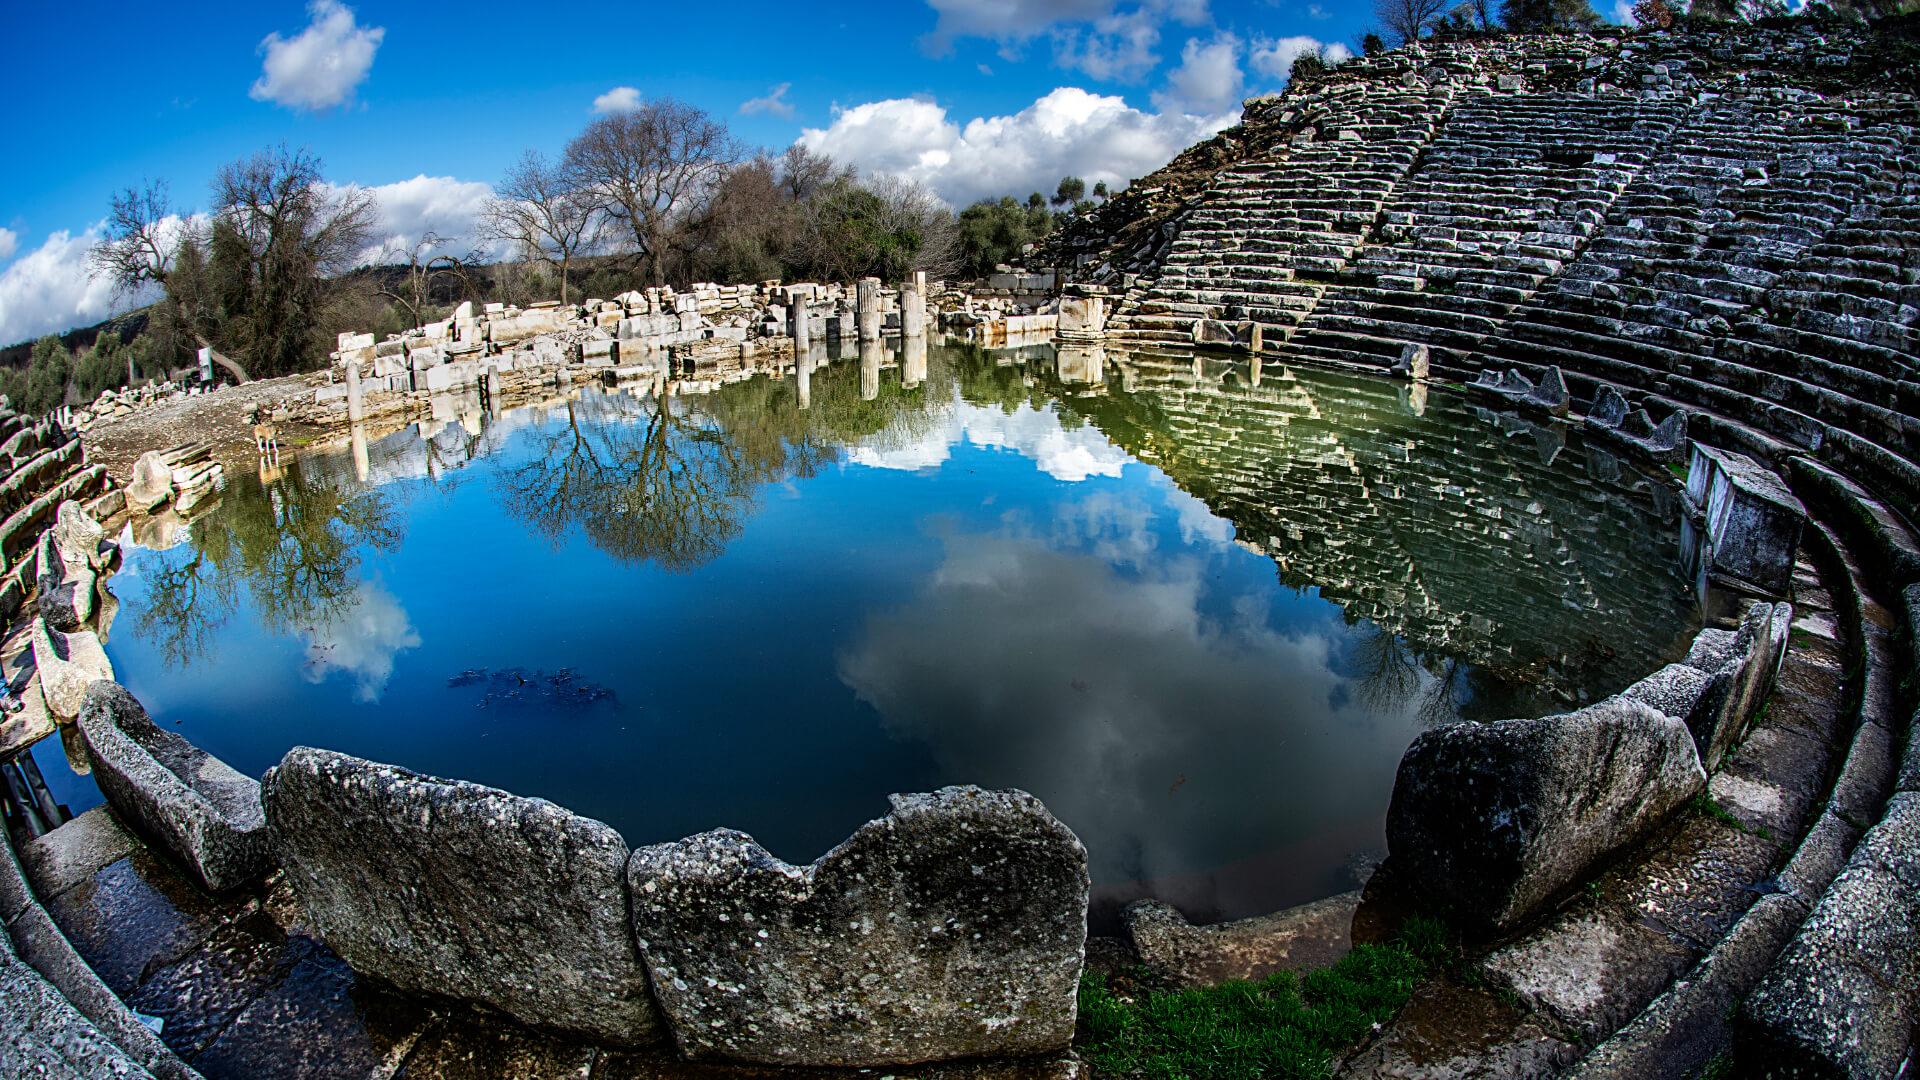 Tarih Boyunca Uygarlıklara Ev Sahipliği Yapan Stratonikeia Antik Kenti